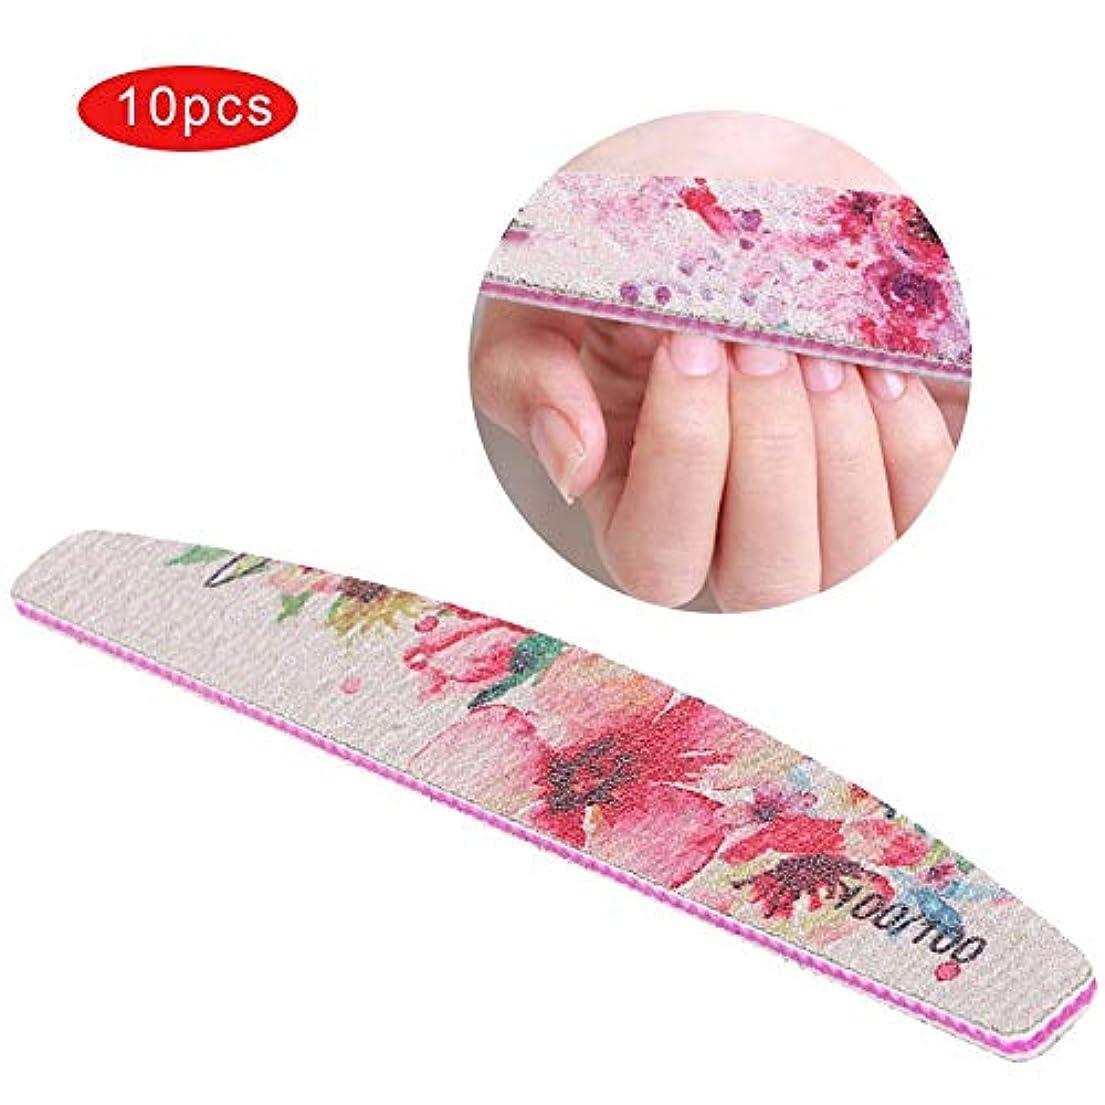 ソーシャル魅力的であることへのアピールほとんどの場合新しい印刷された爪やすり両面花印刷防水マニキュア研磨ツール(100/100)